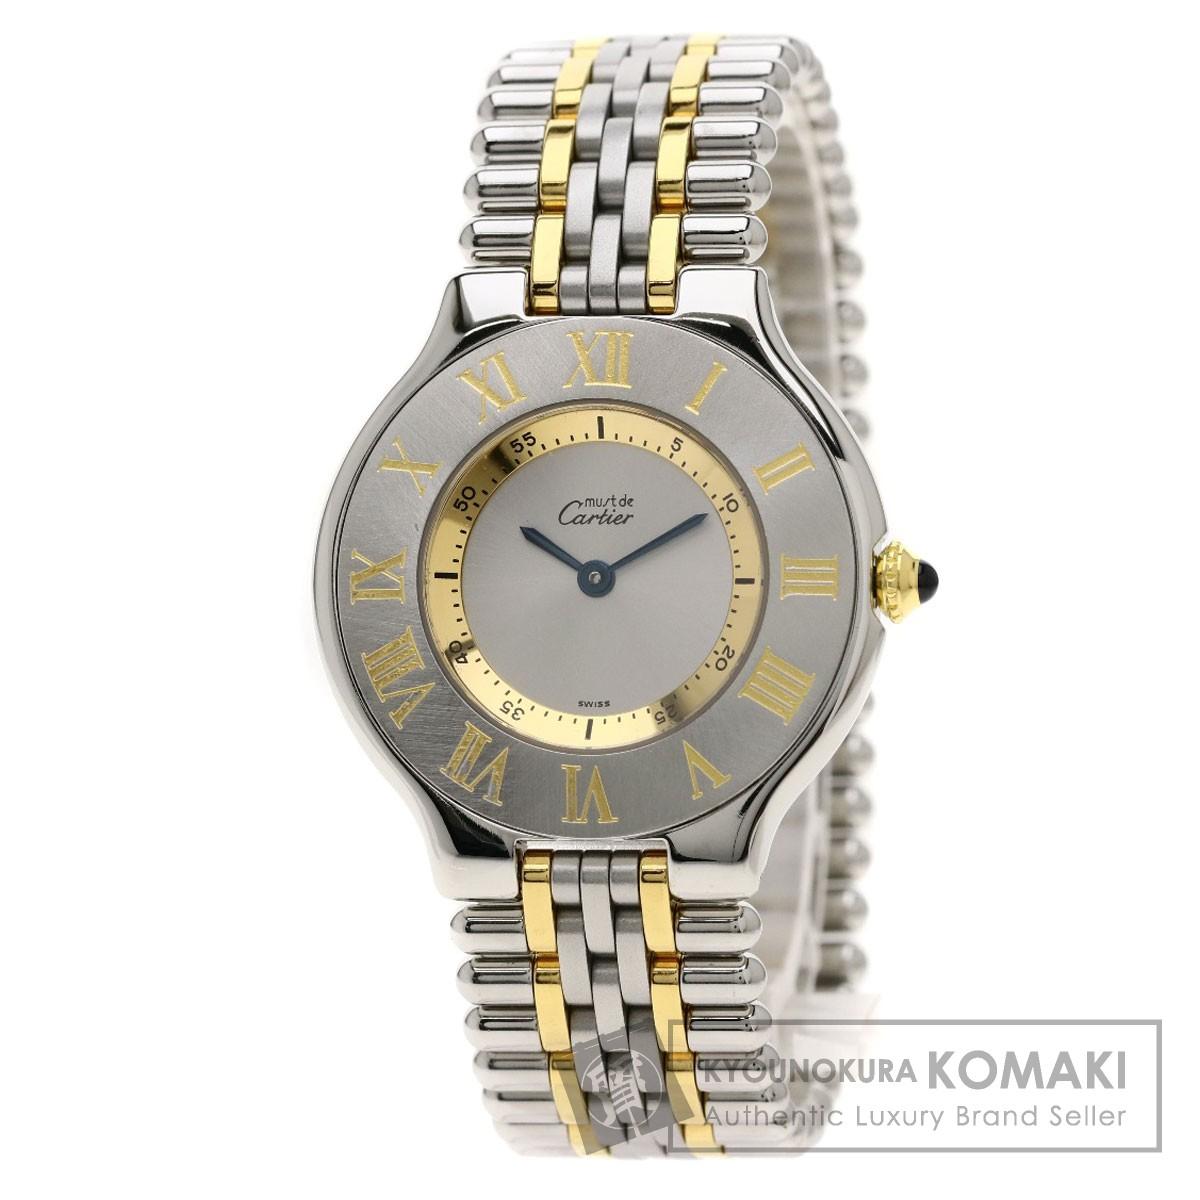 カルティエ 1330 マスト21 腕時計 ステンレススチール/コンビ ボーイズ 【中古】【CARTIER】